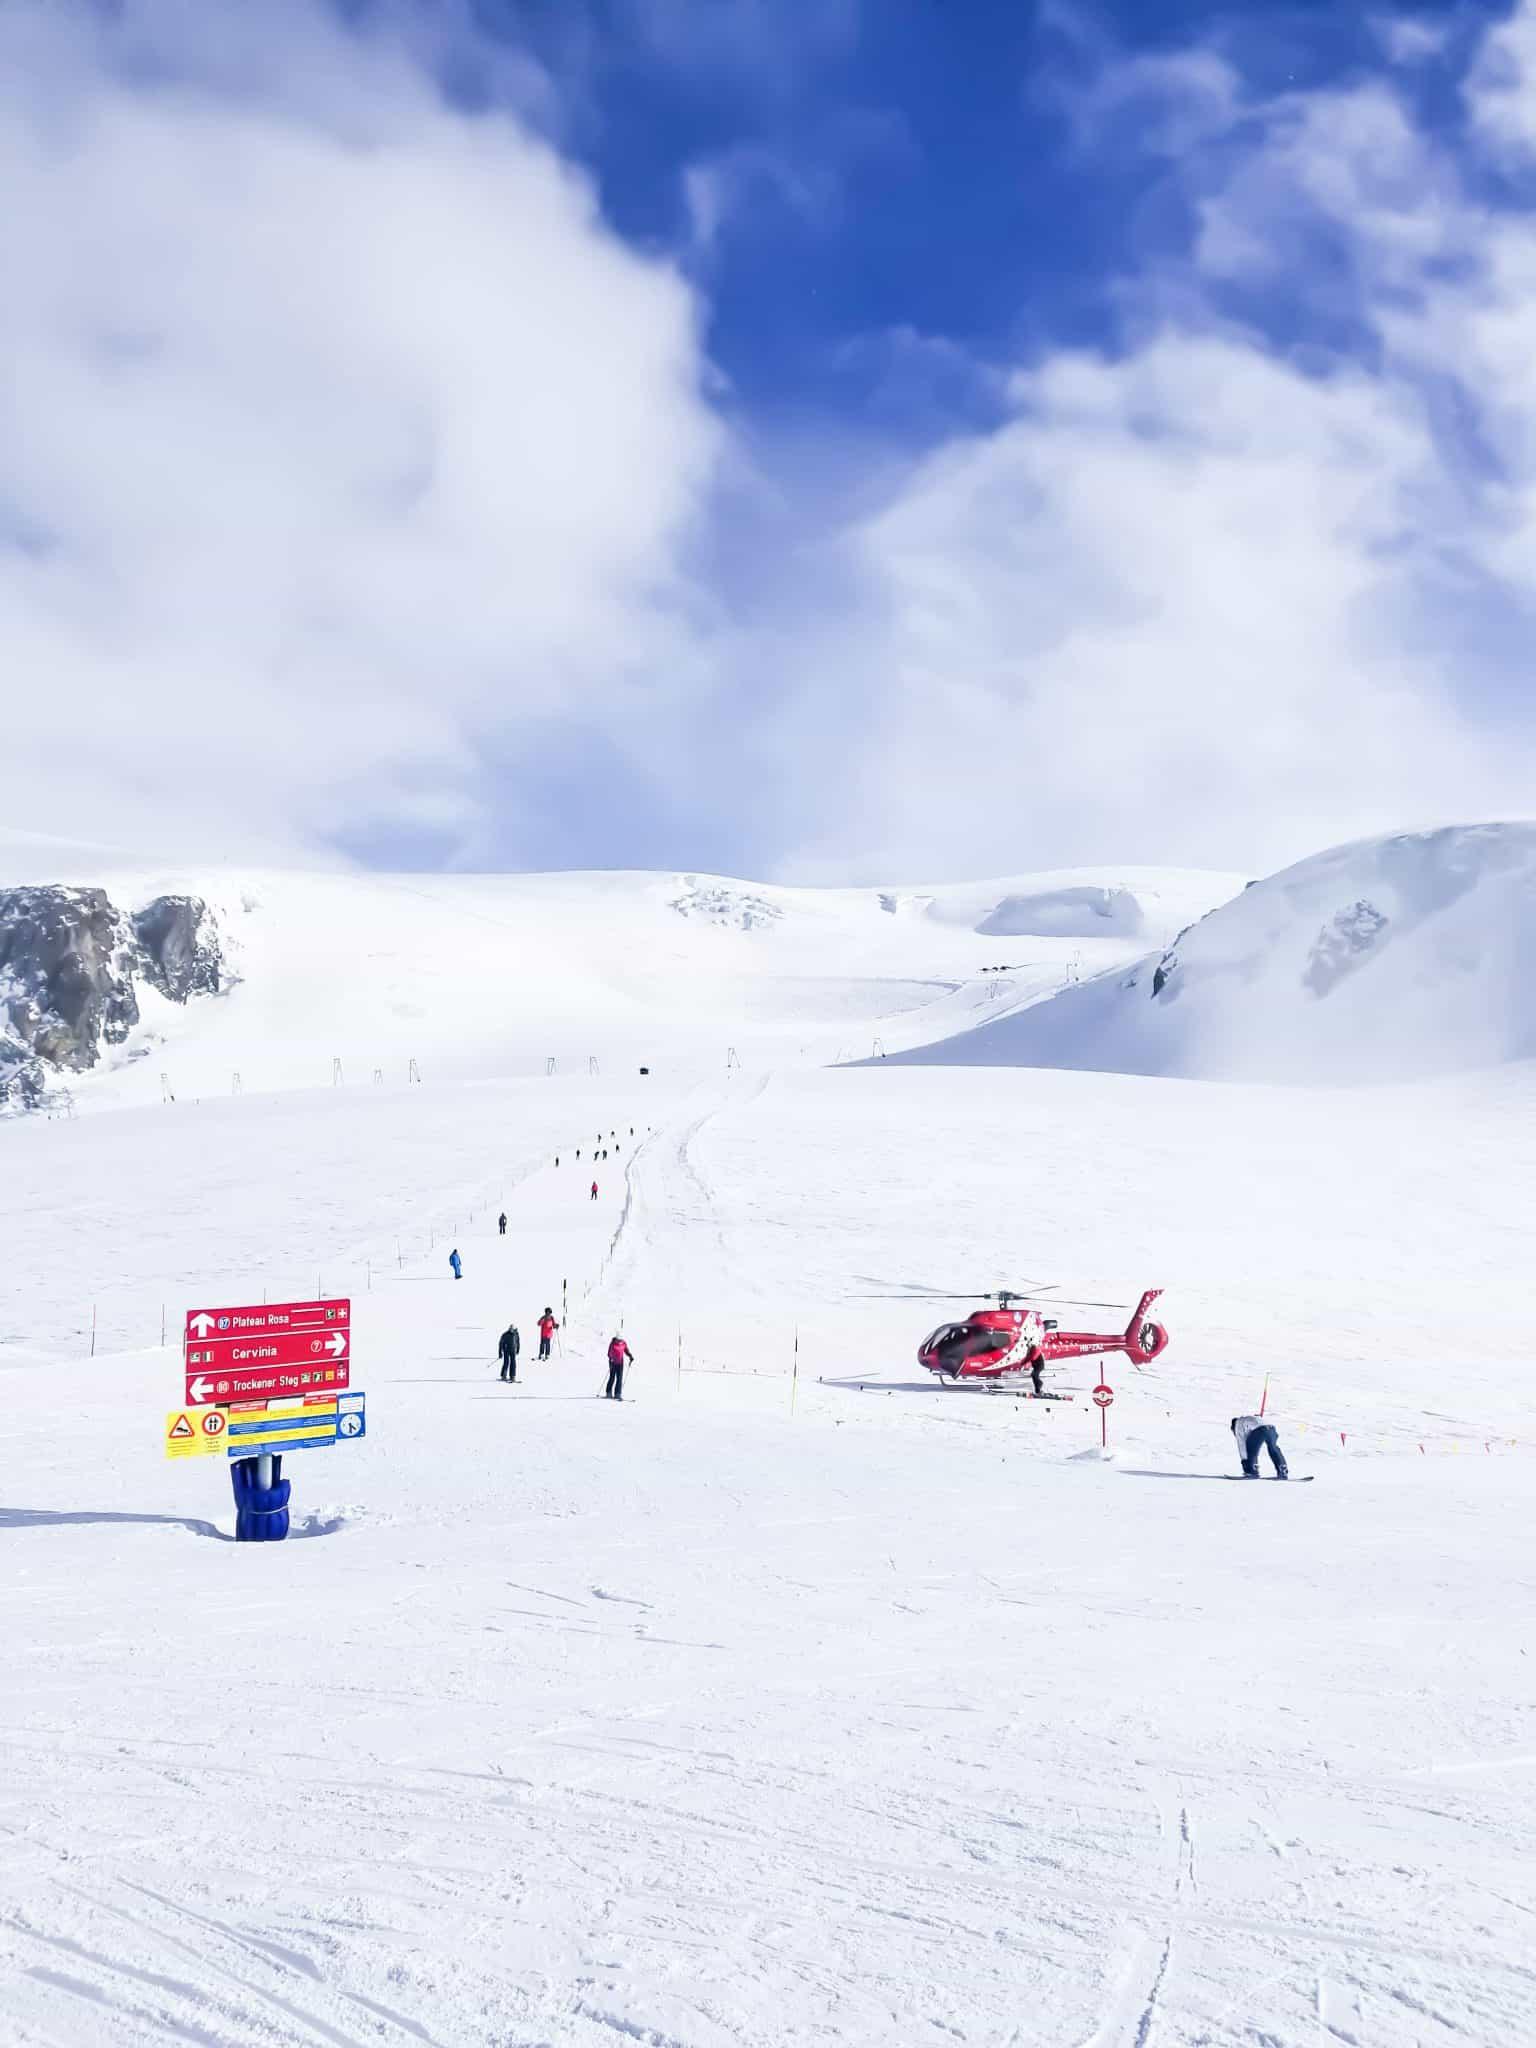 heliskiing in Zermatt